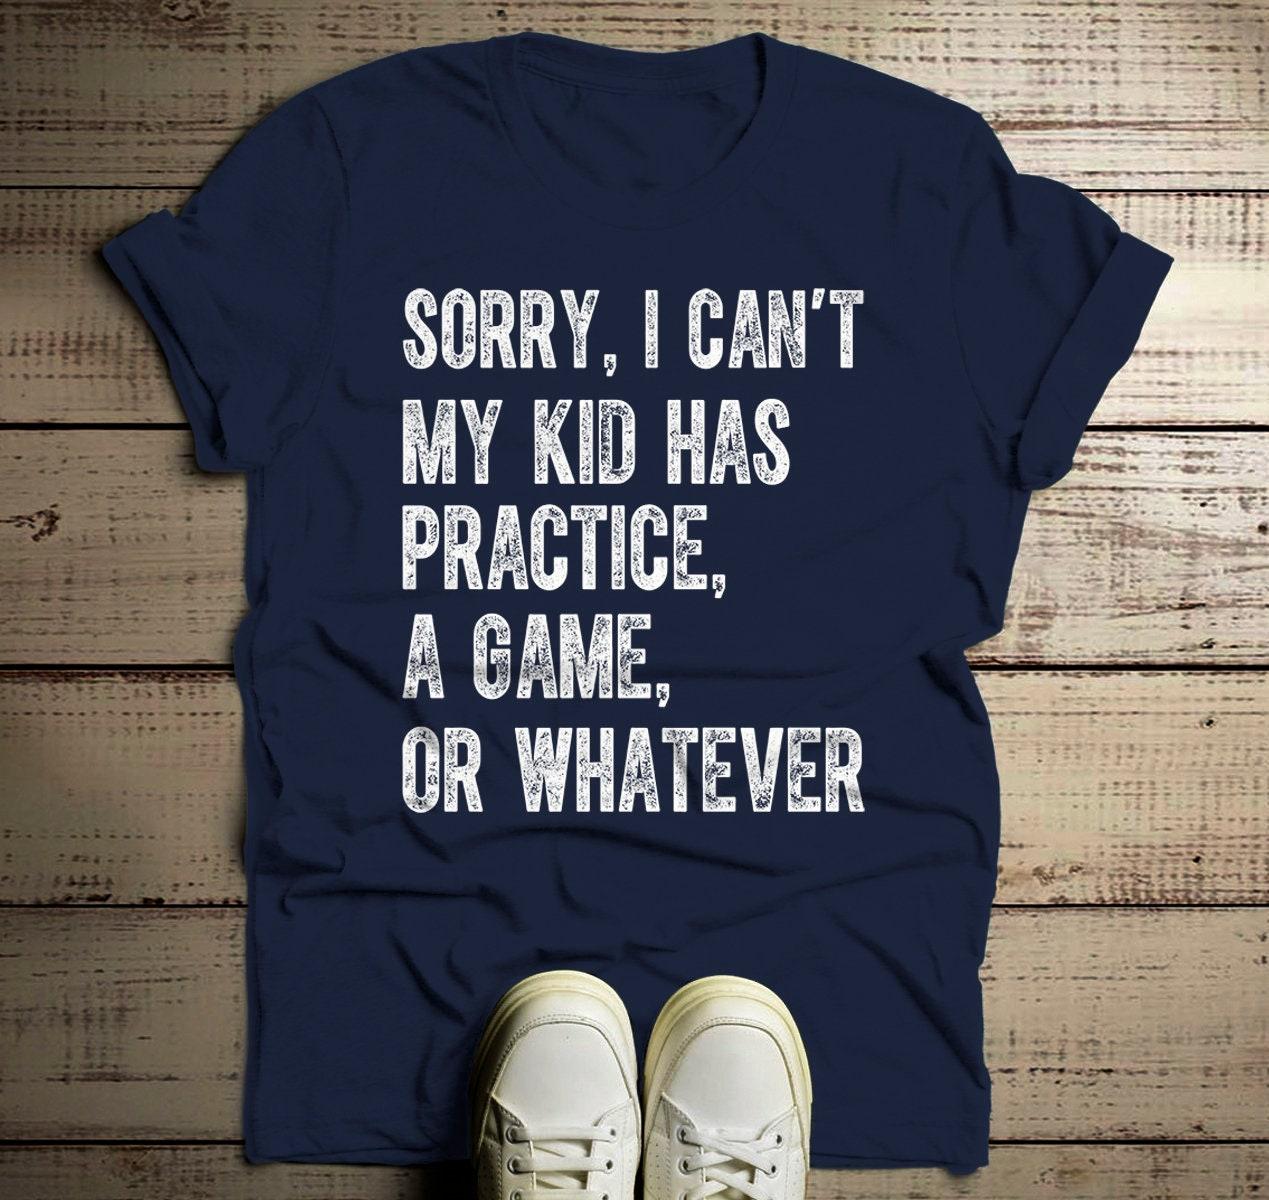 a514729ef Men's Dad T Shirt Sorry I Can't My Kid Has Practice | Etsy